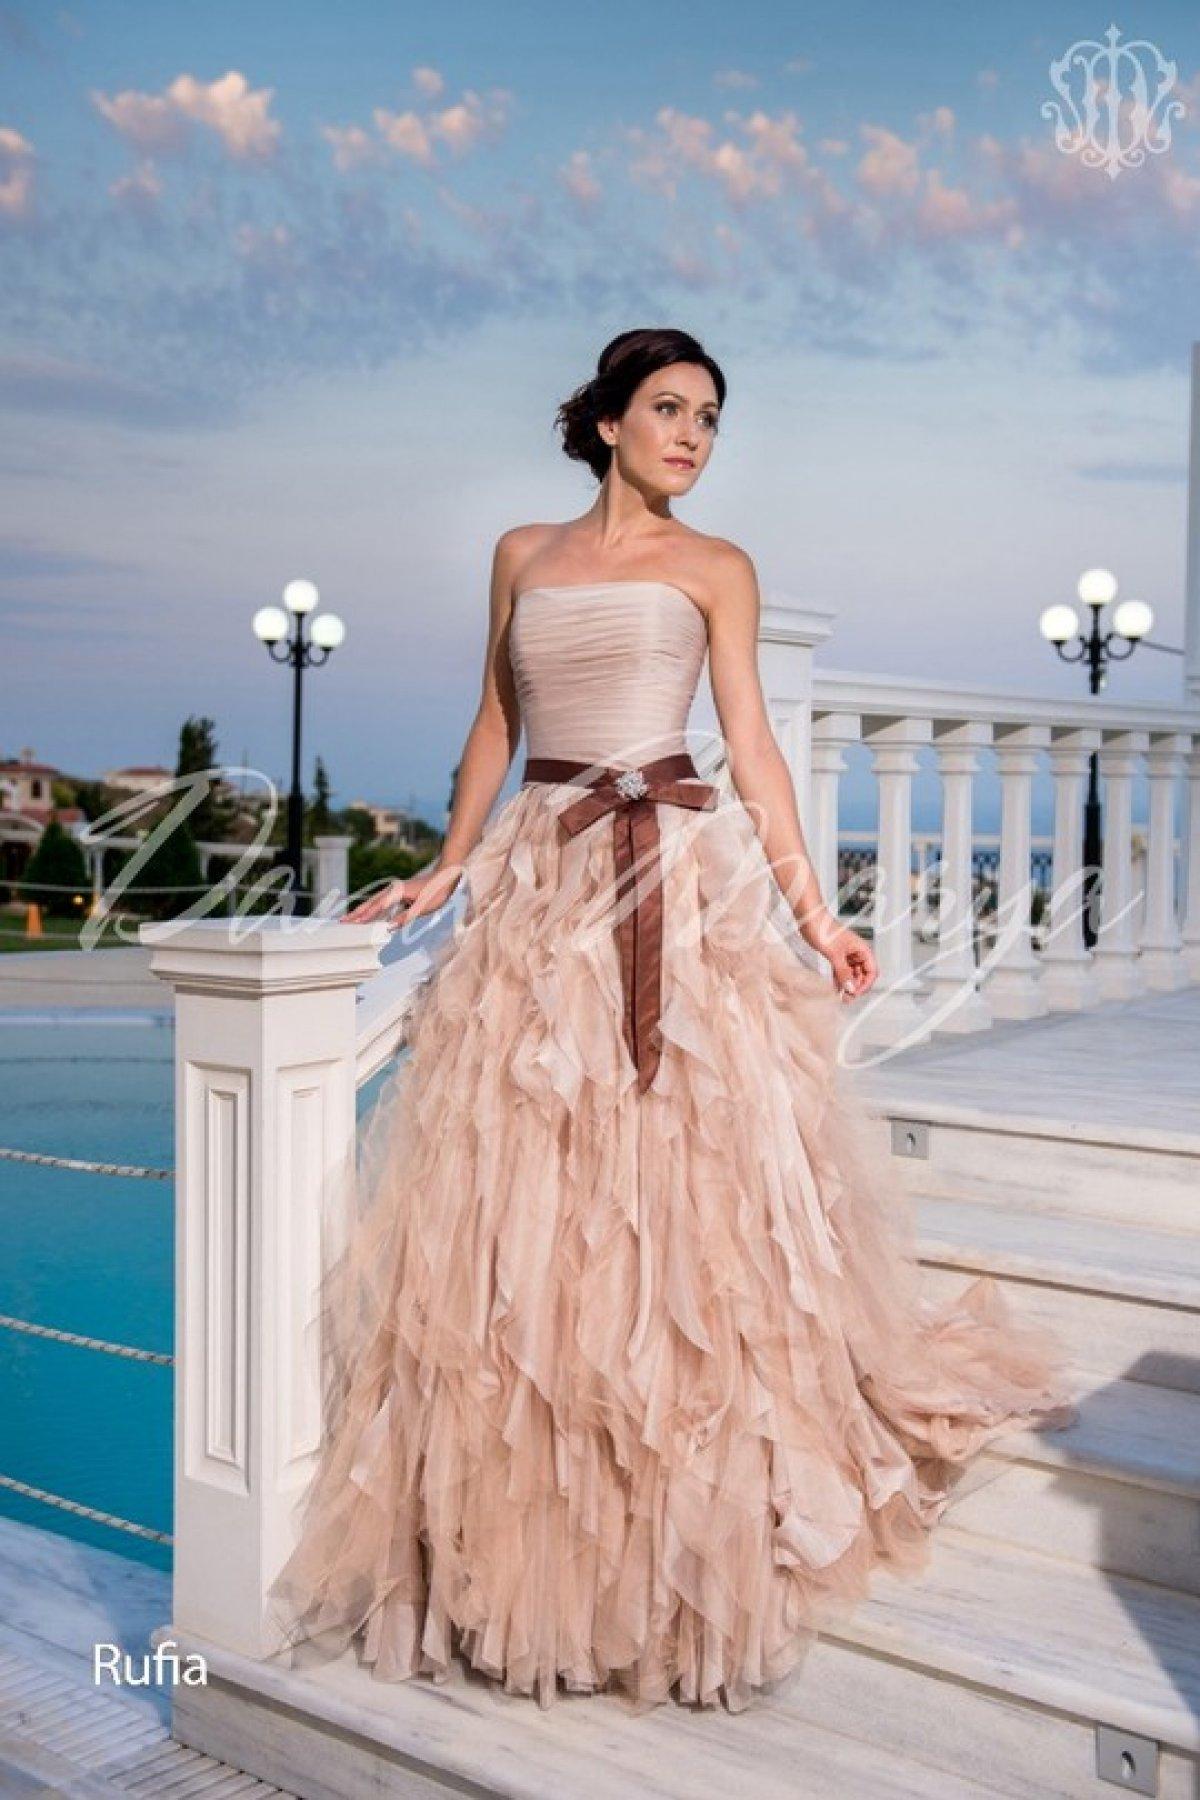 Нюша в свадебном платье фото